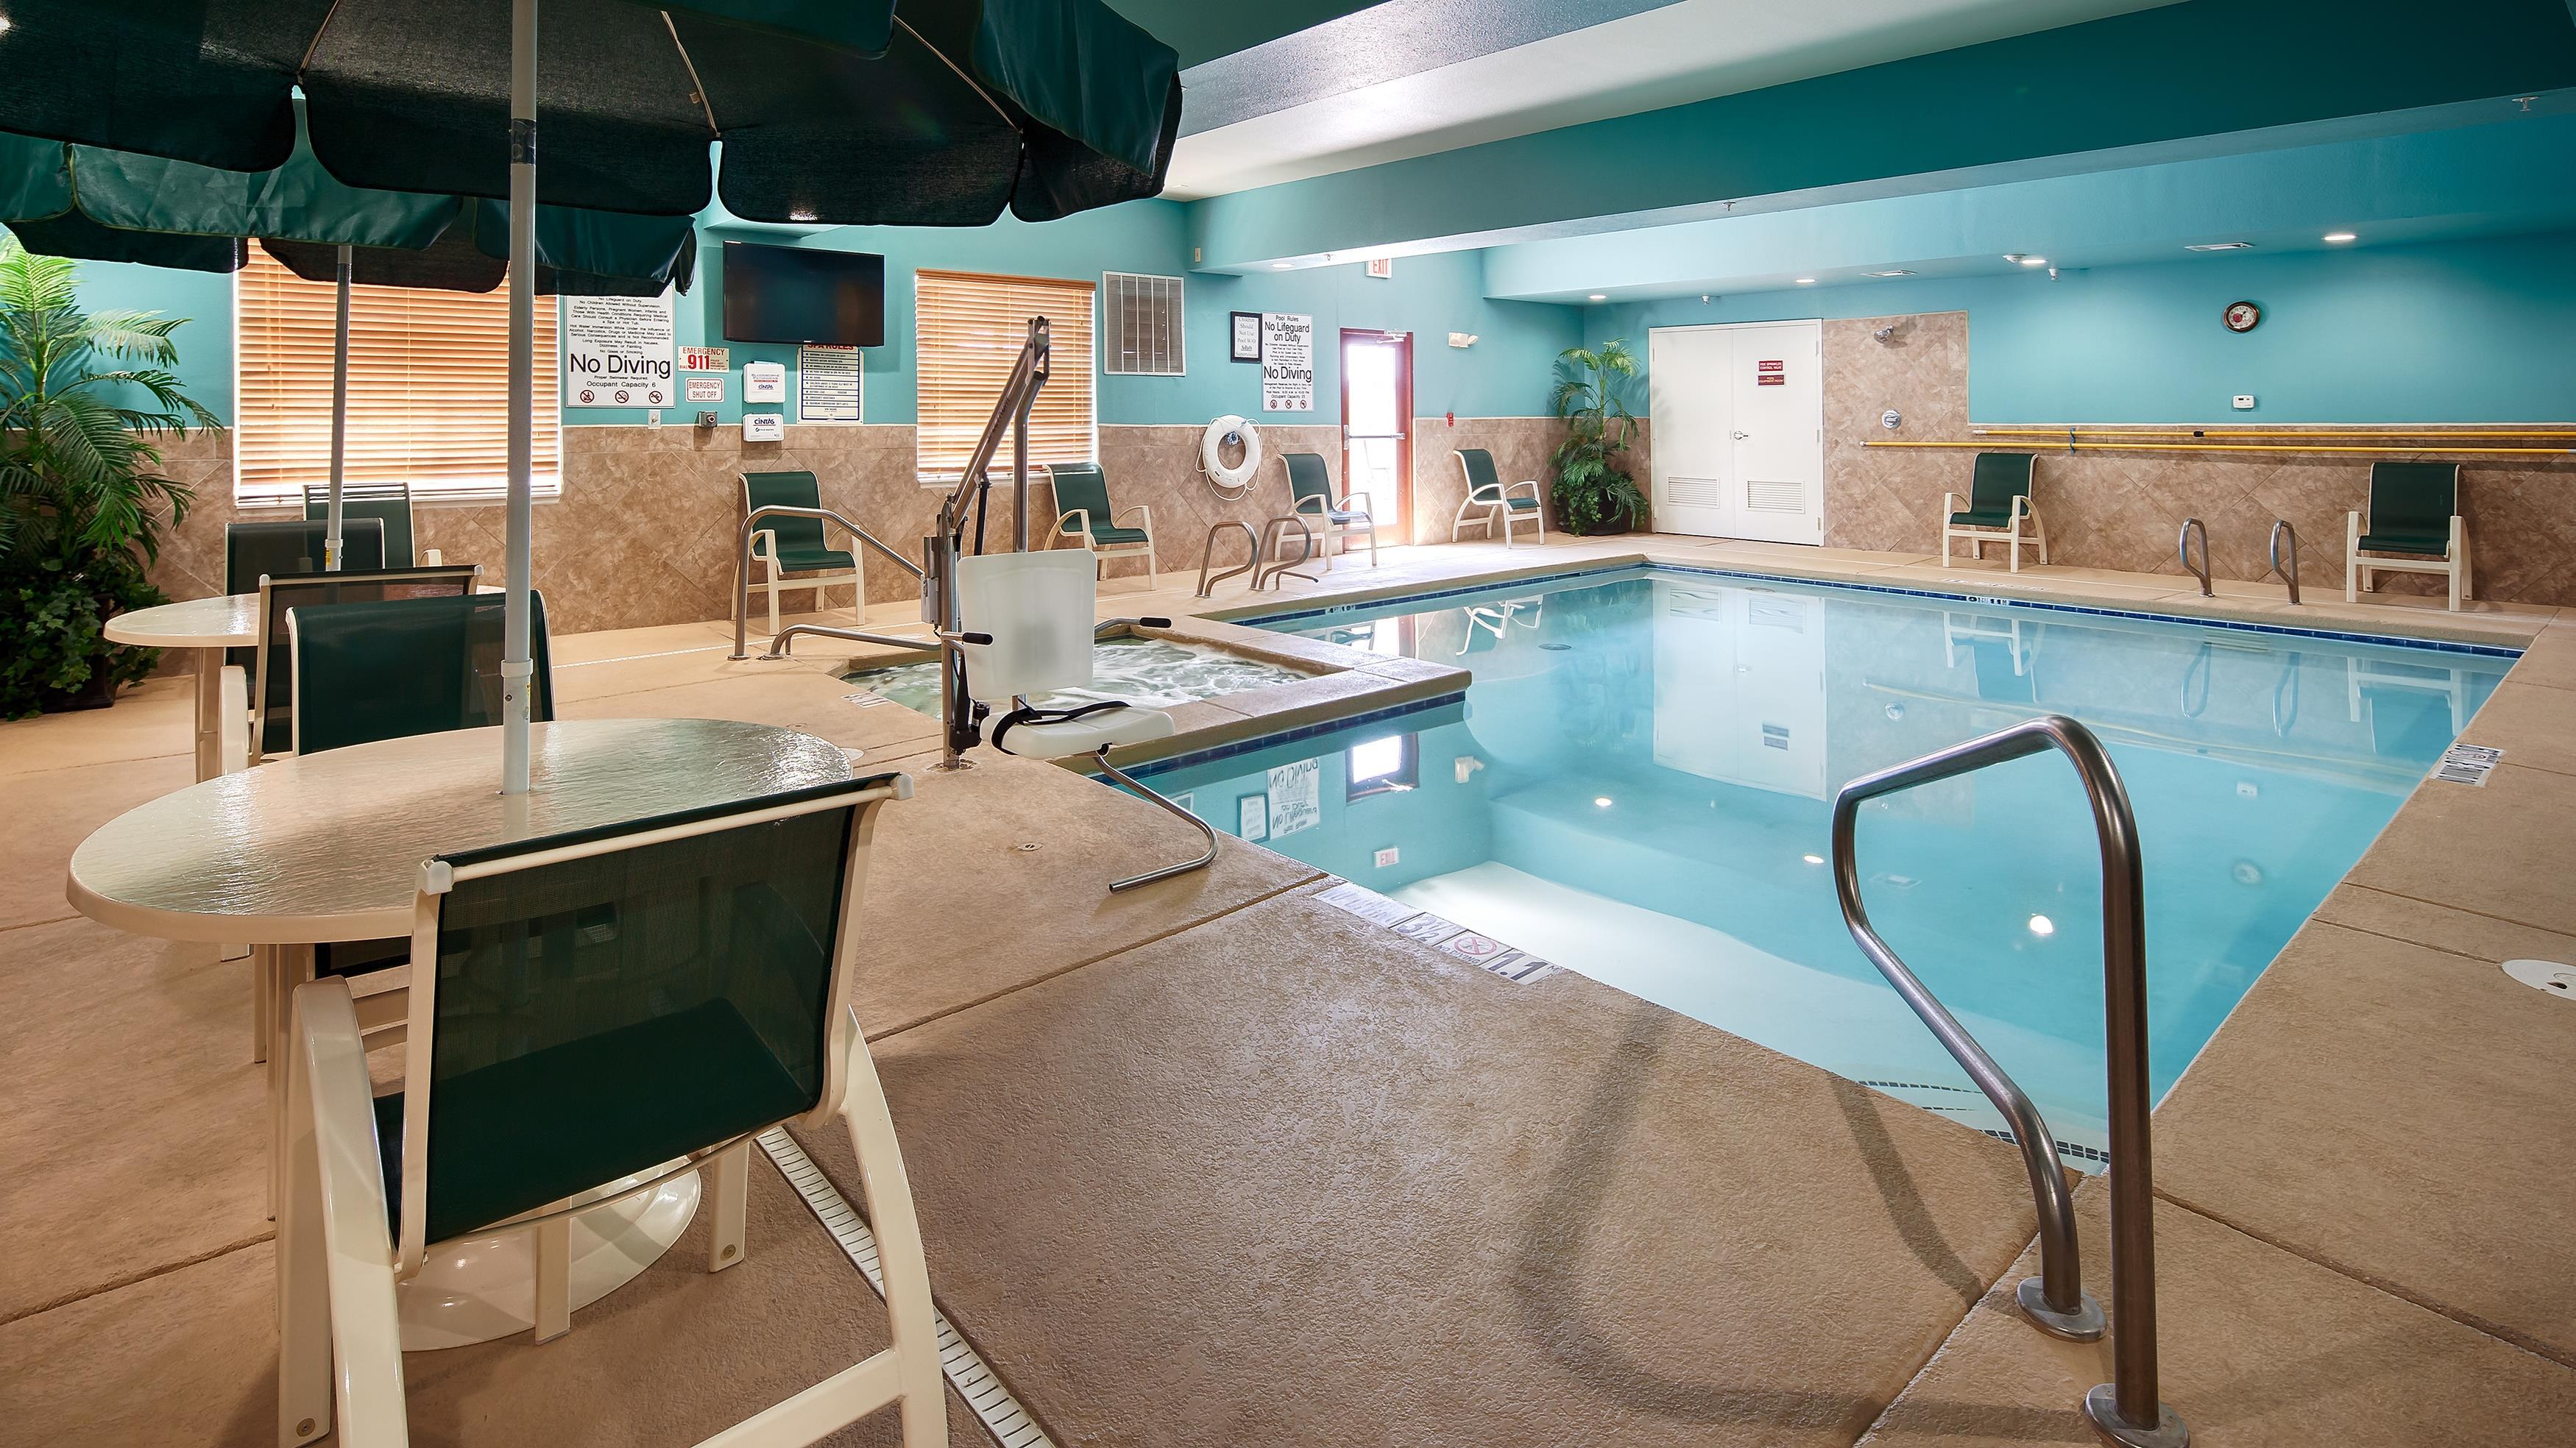 Best Western Plus Monahans Inn & Suites image 10